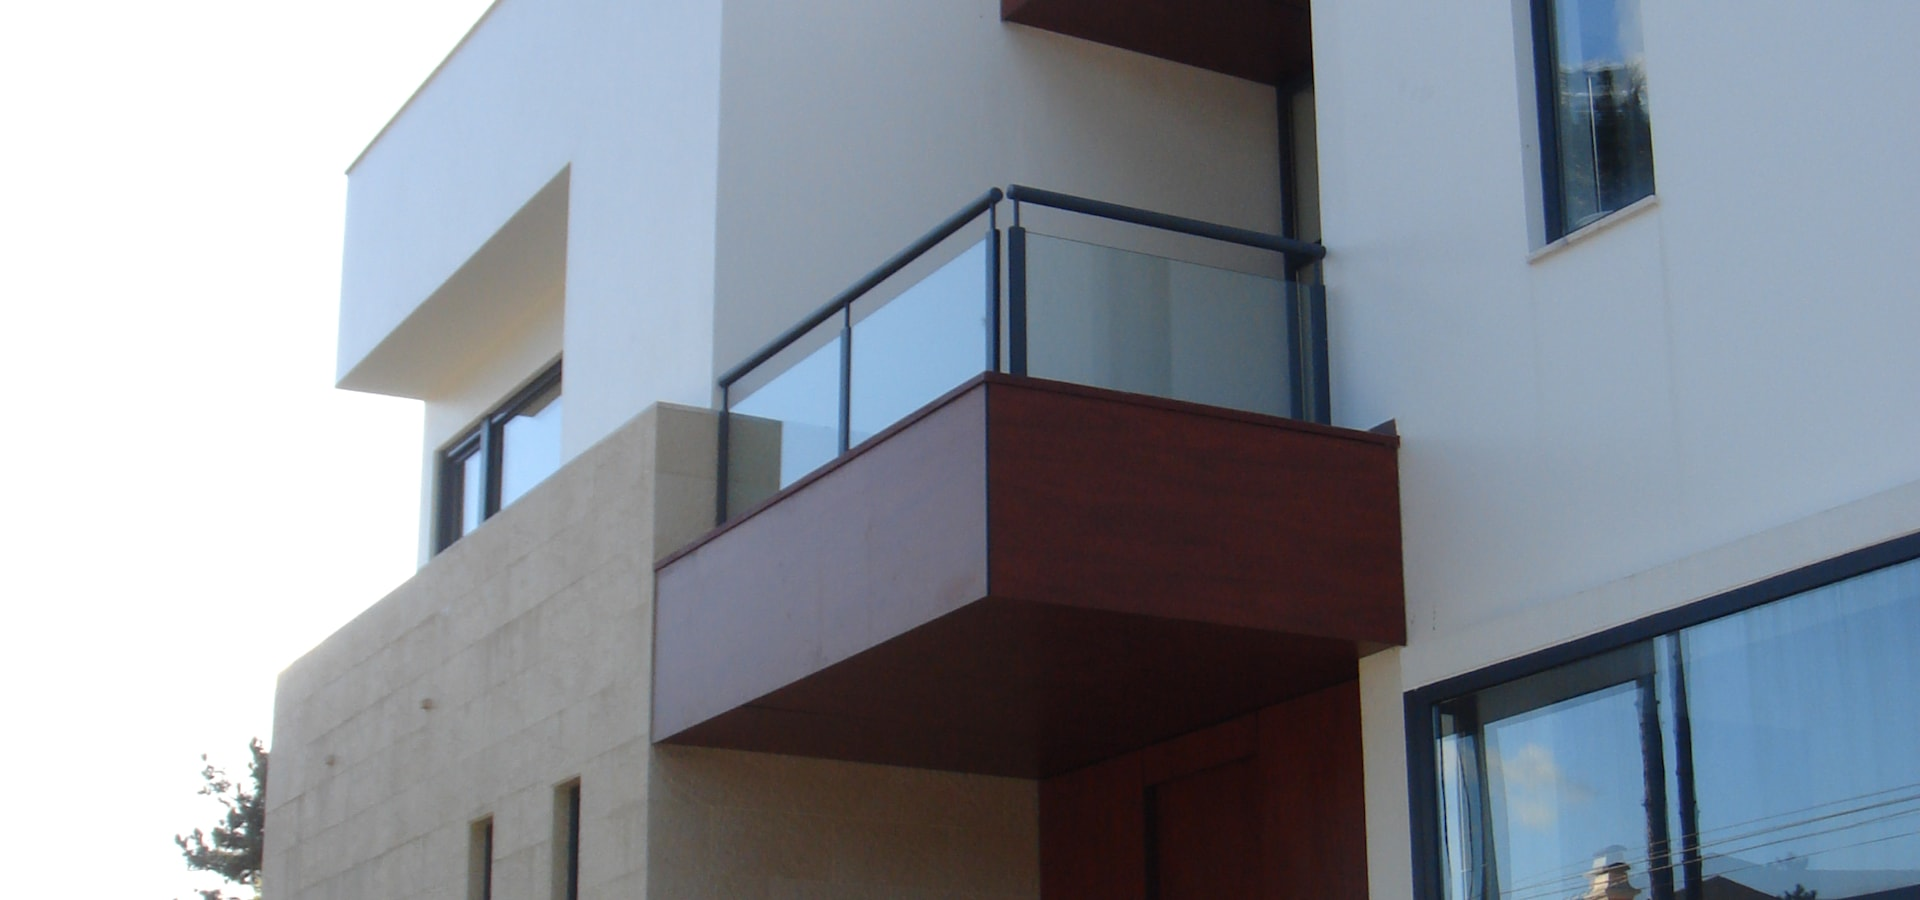 ASPMM, Arquitectos